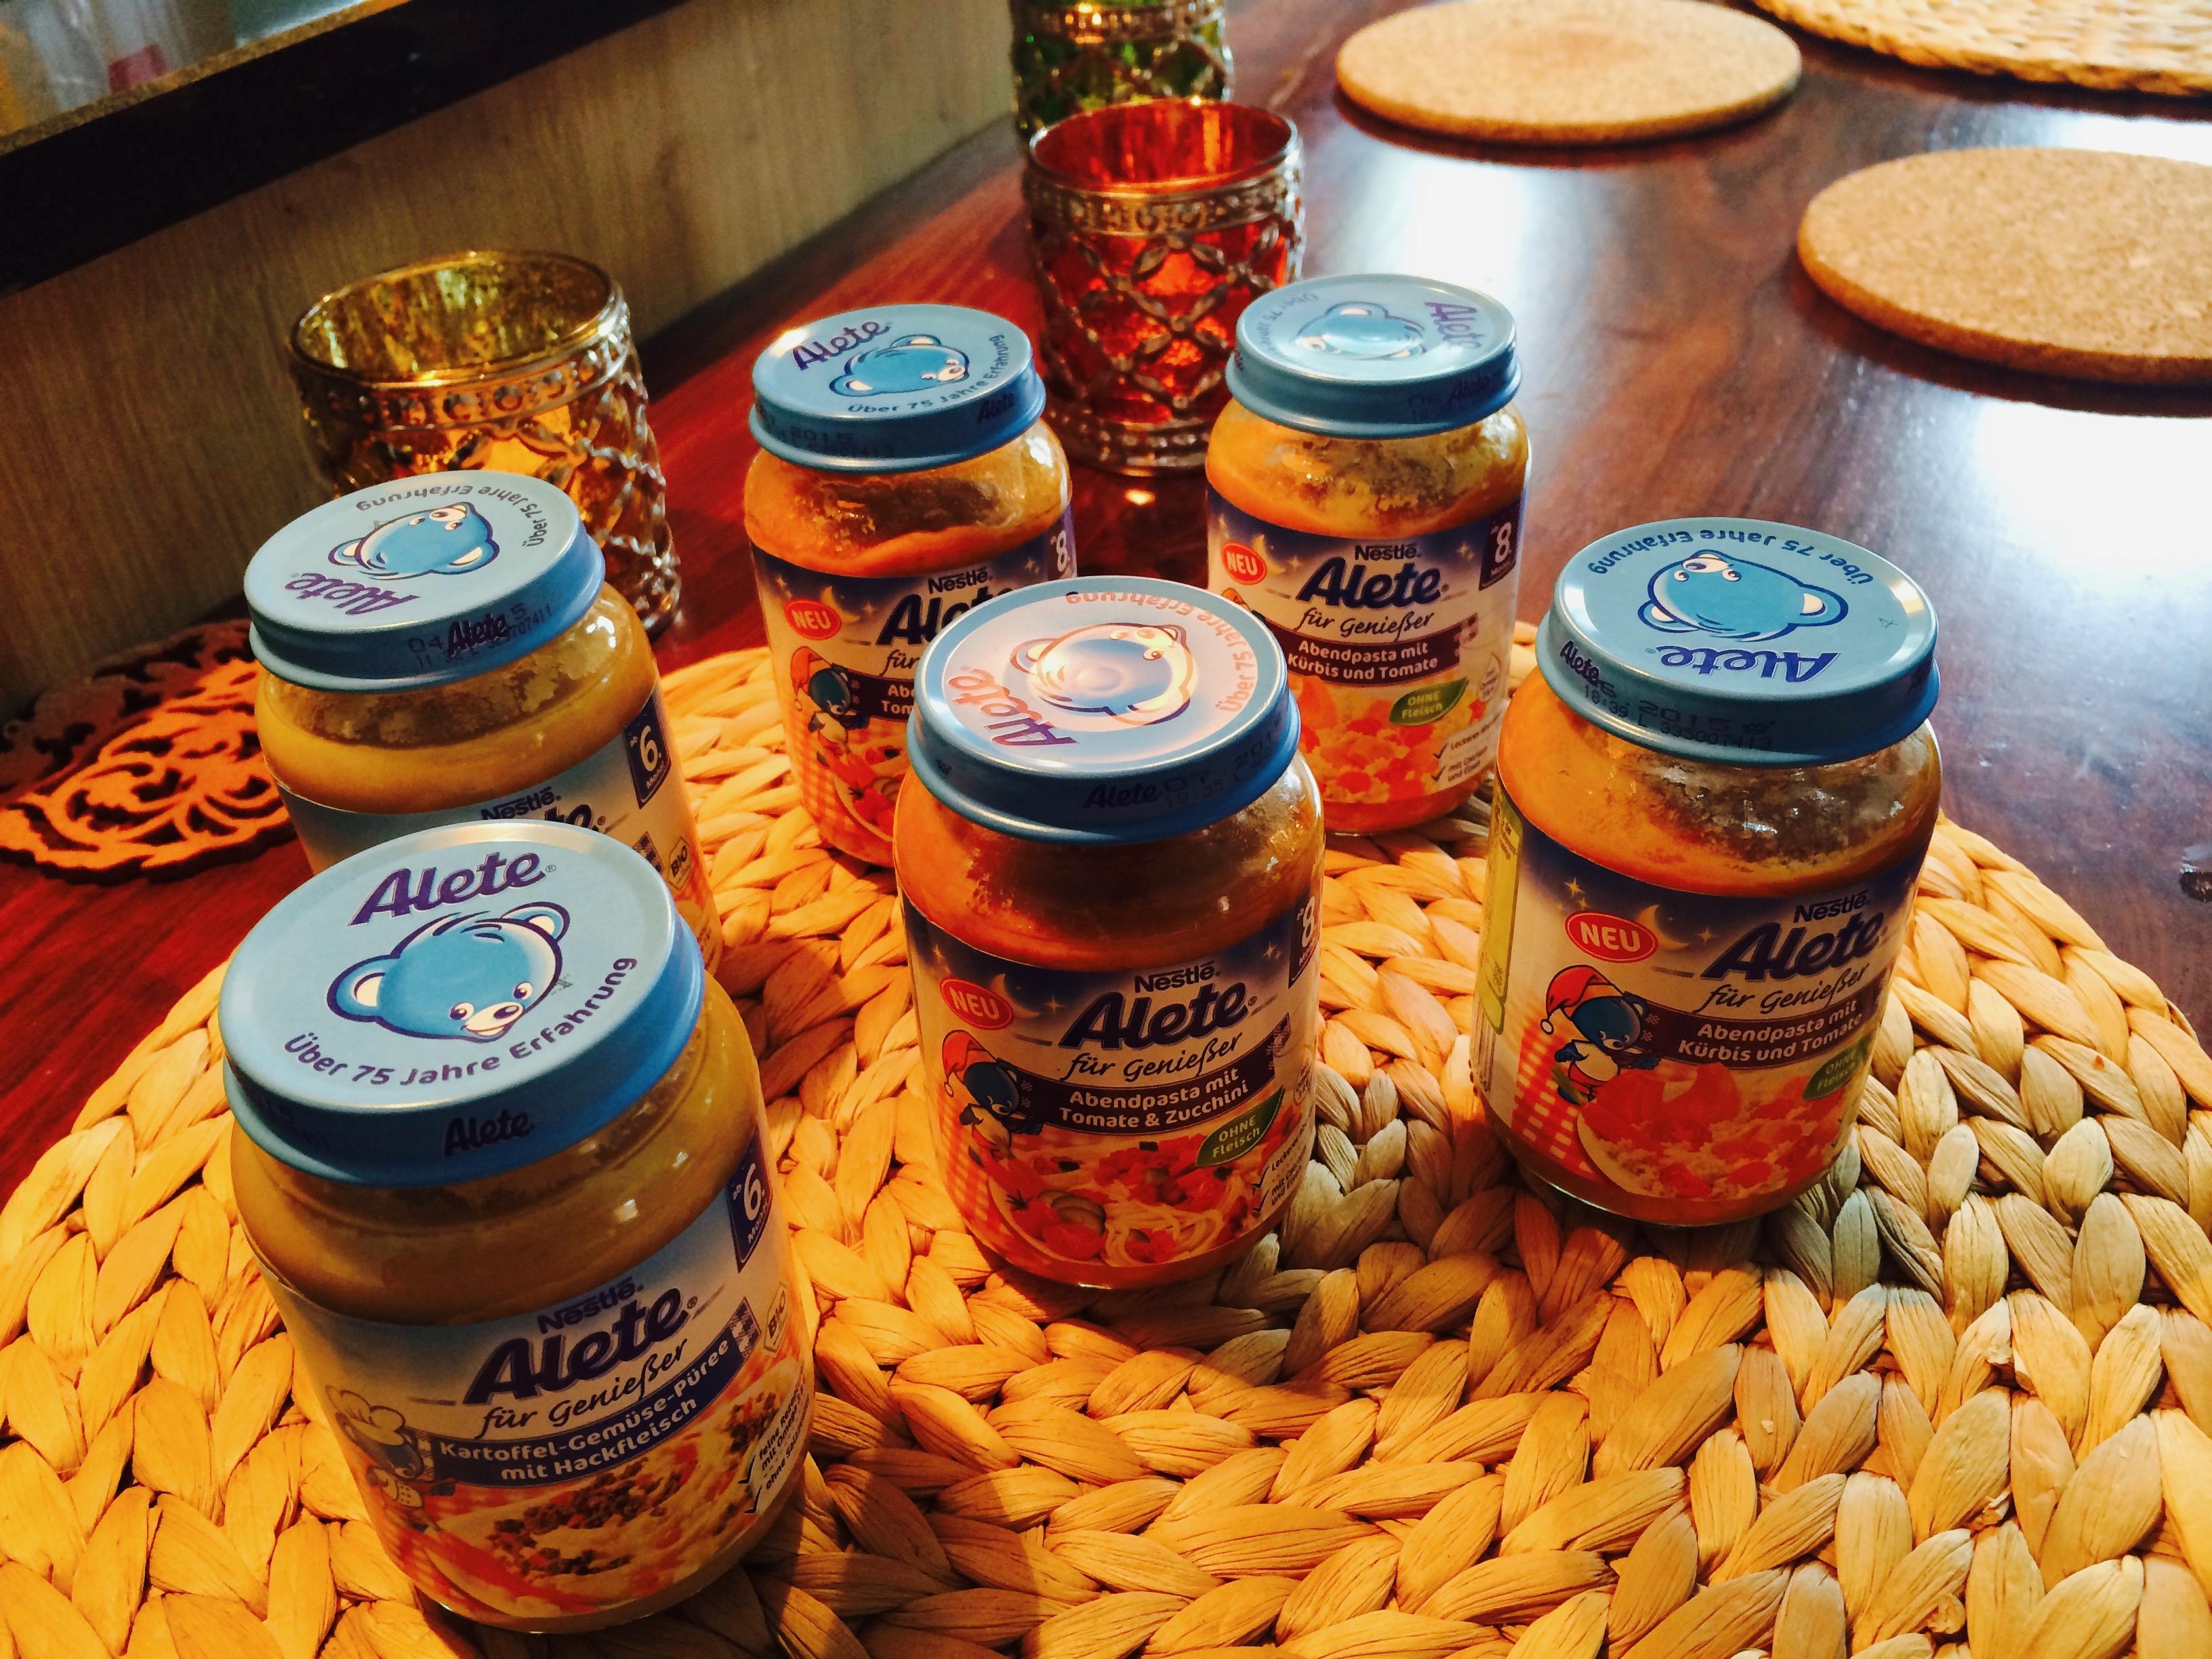 Alete Beikost Gläschen Brei Bio Nahrung Babynahrung Produkte 6 bis 8 Monate Foto: Babyratgeber.app